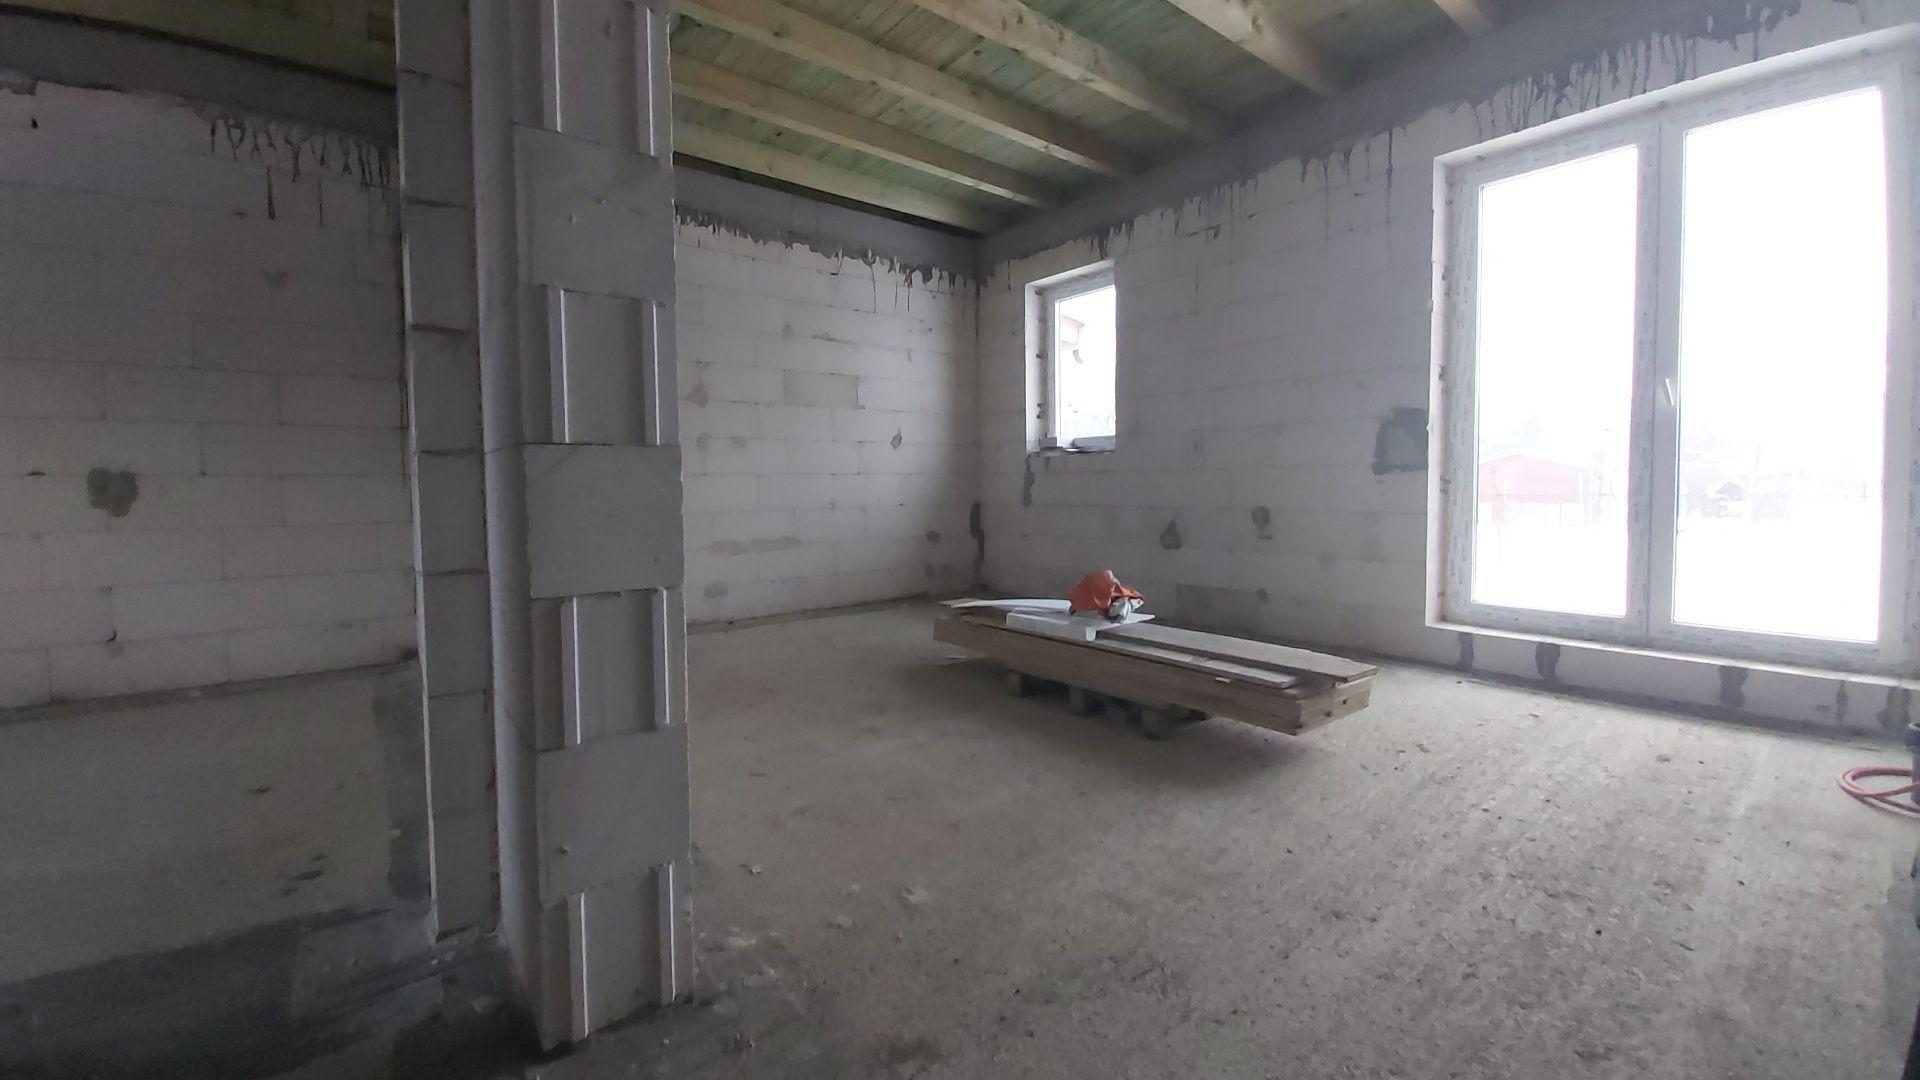 ADOMIS - PREDÁM 4-izb.BUNGALOV  HOLODOM, 400m2, Vyšné Opátske